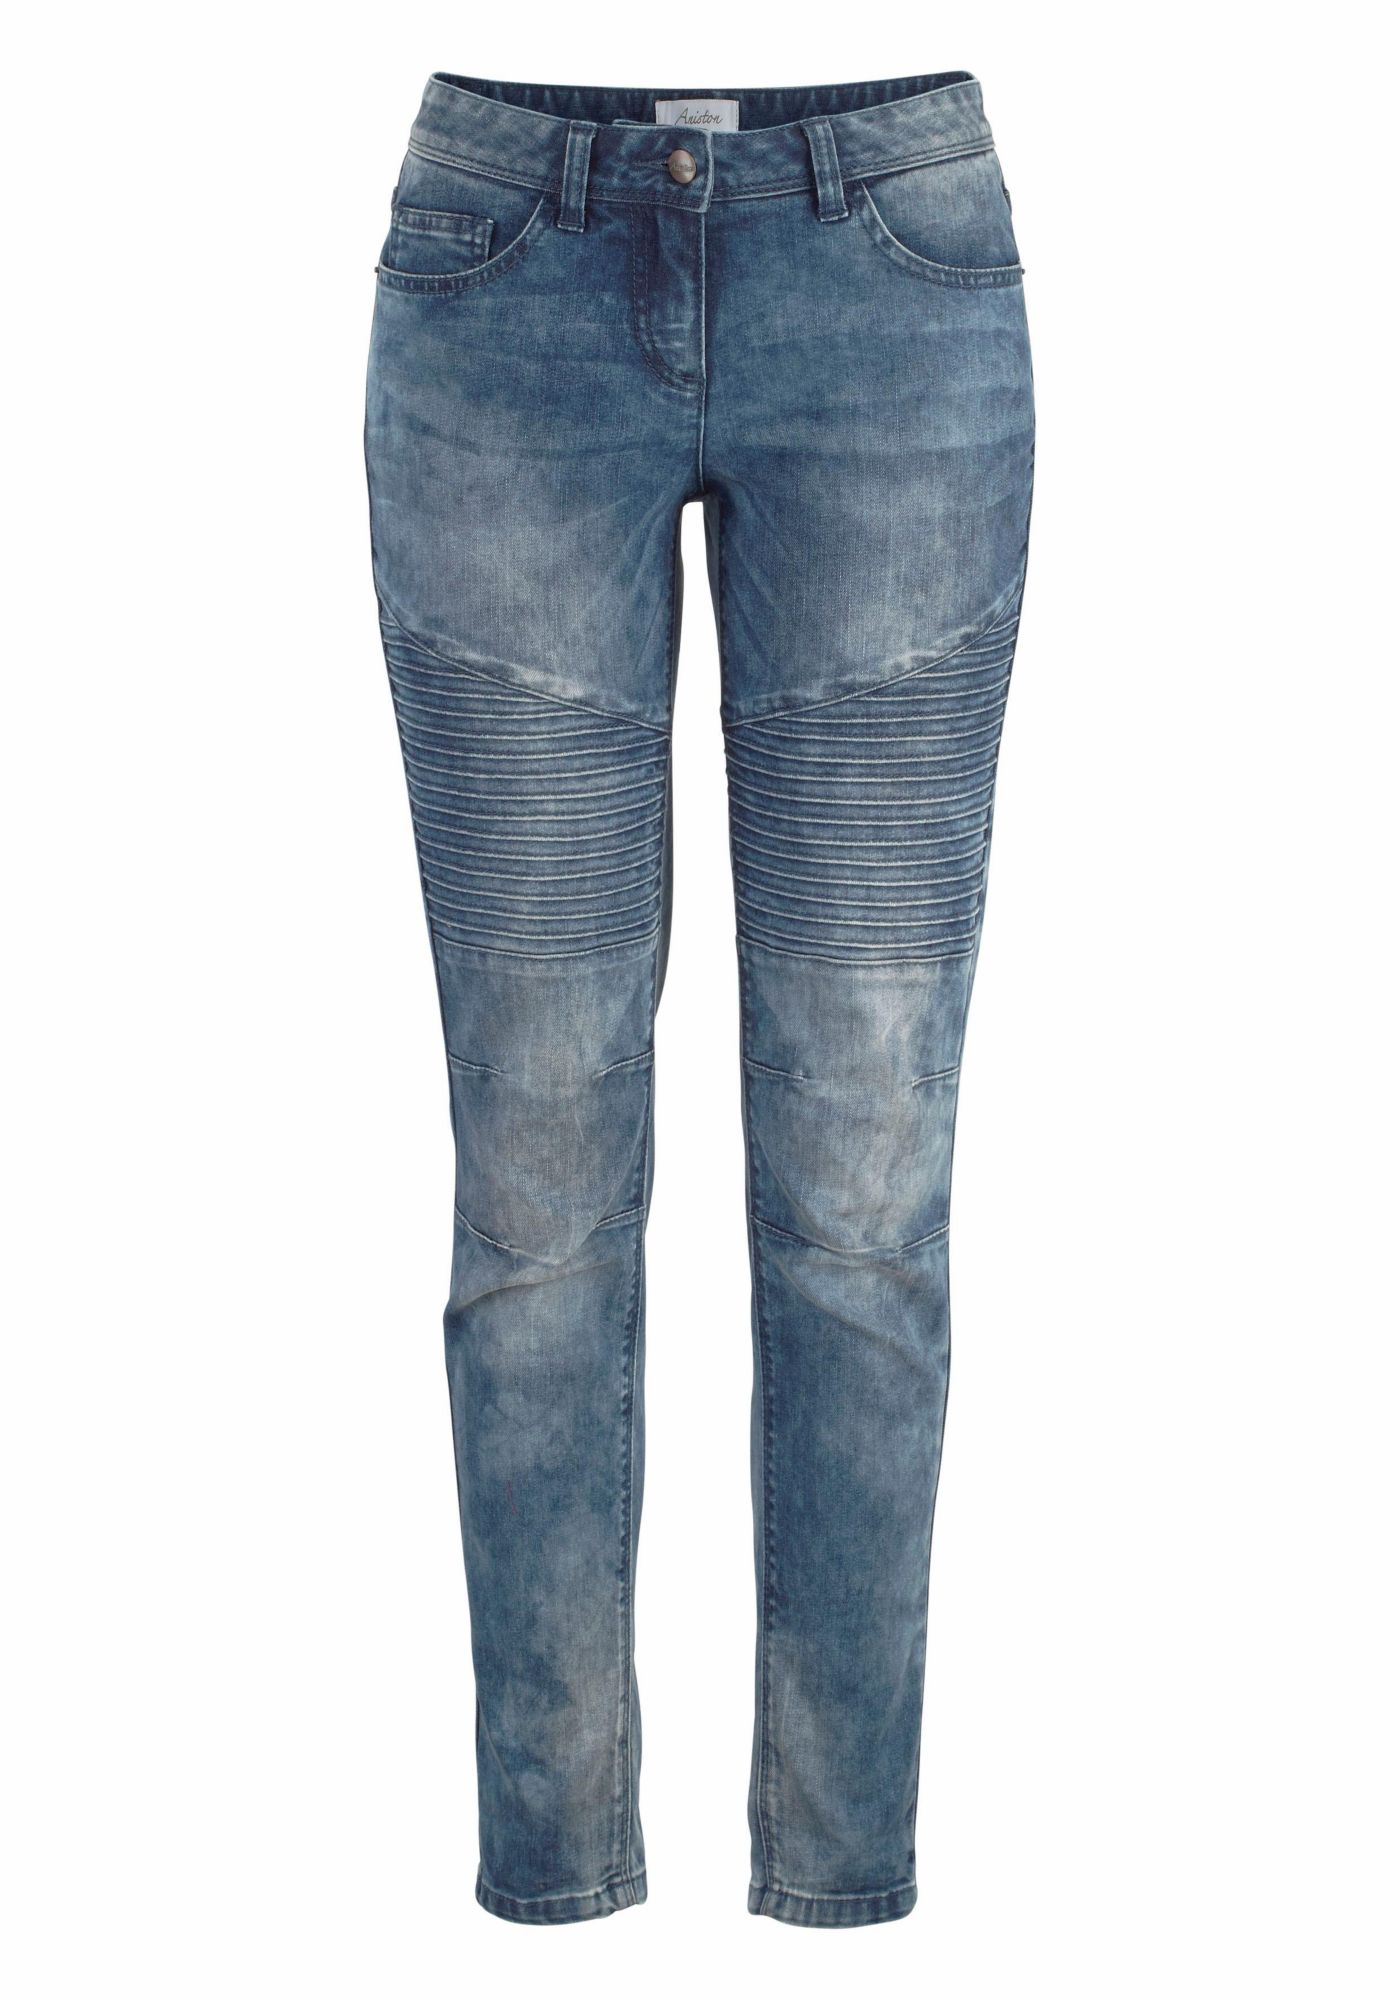 ANISTON Aniston 5-Pocket-Jeans